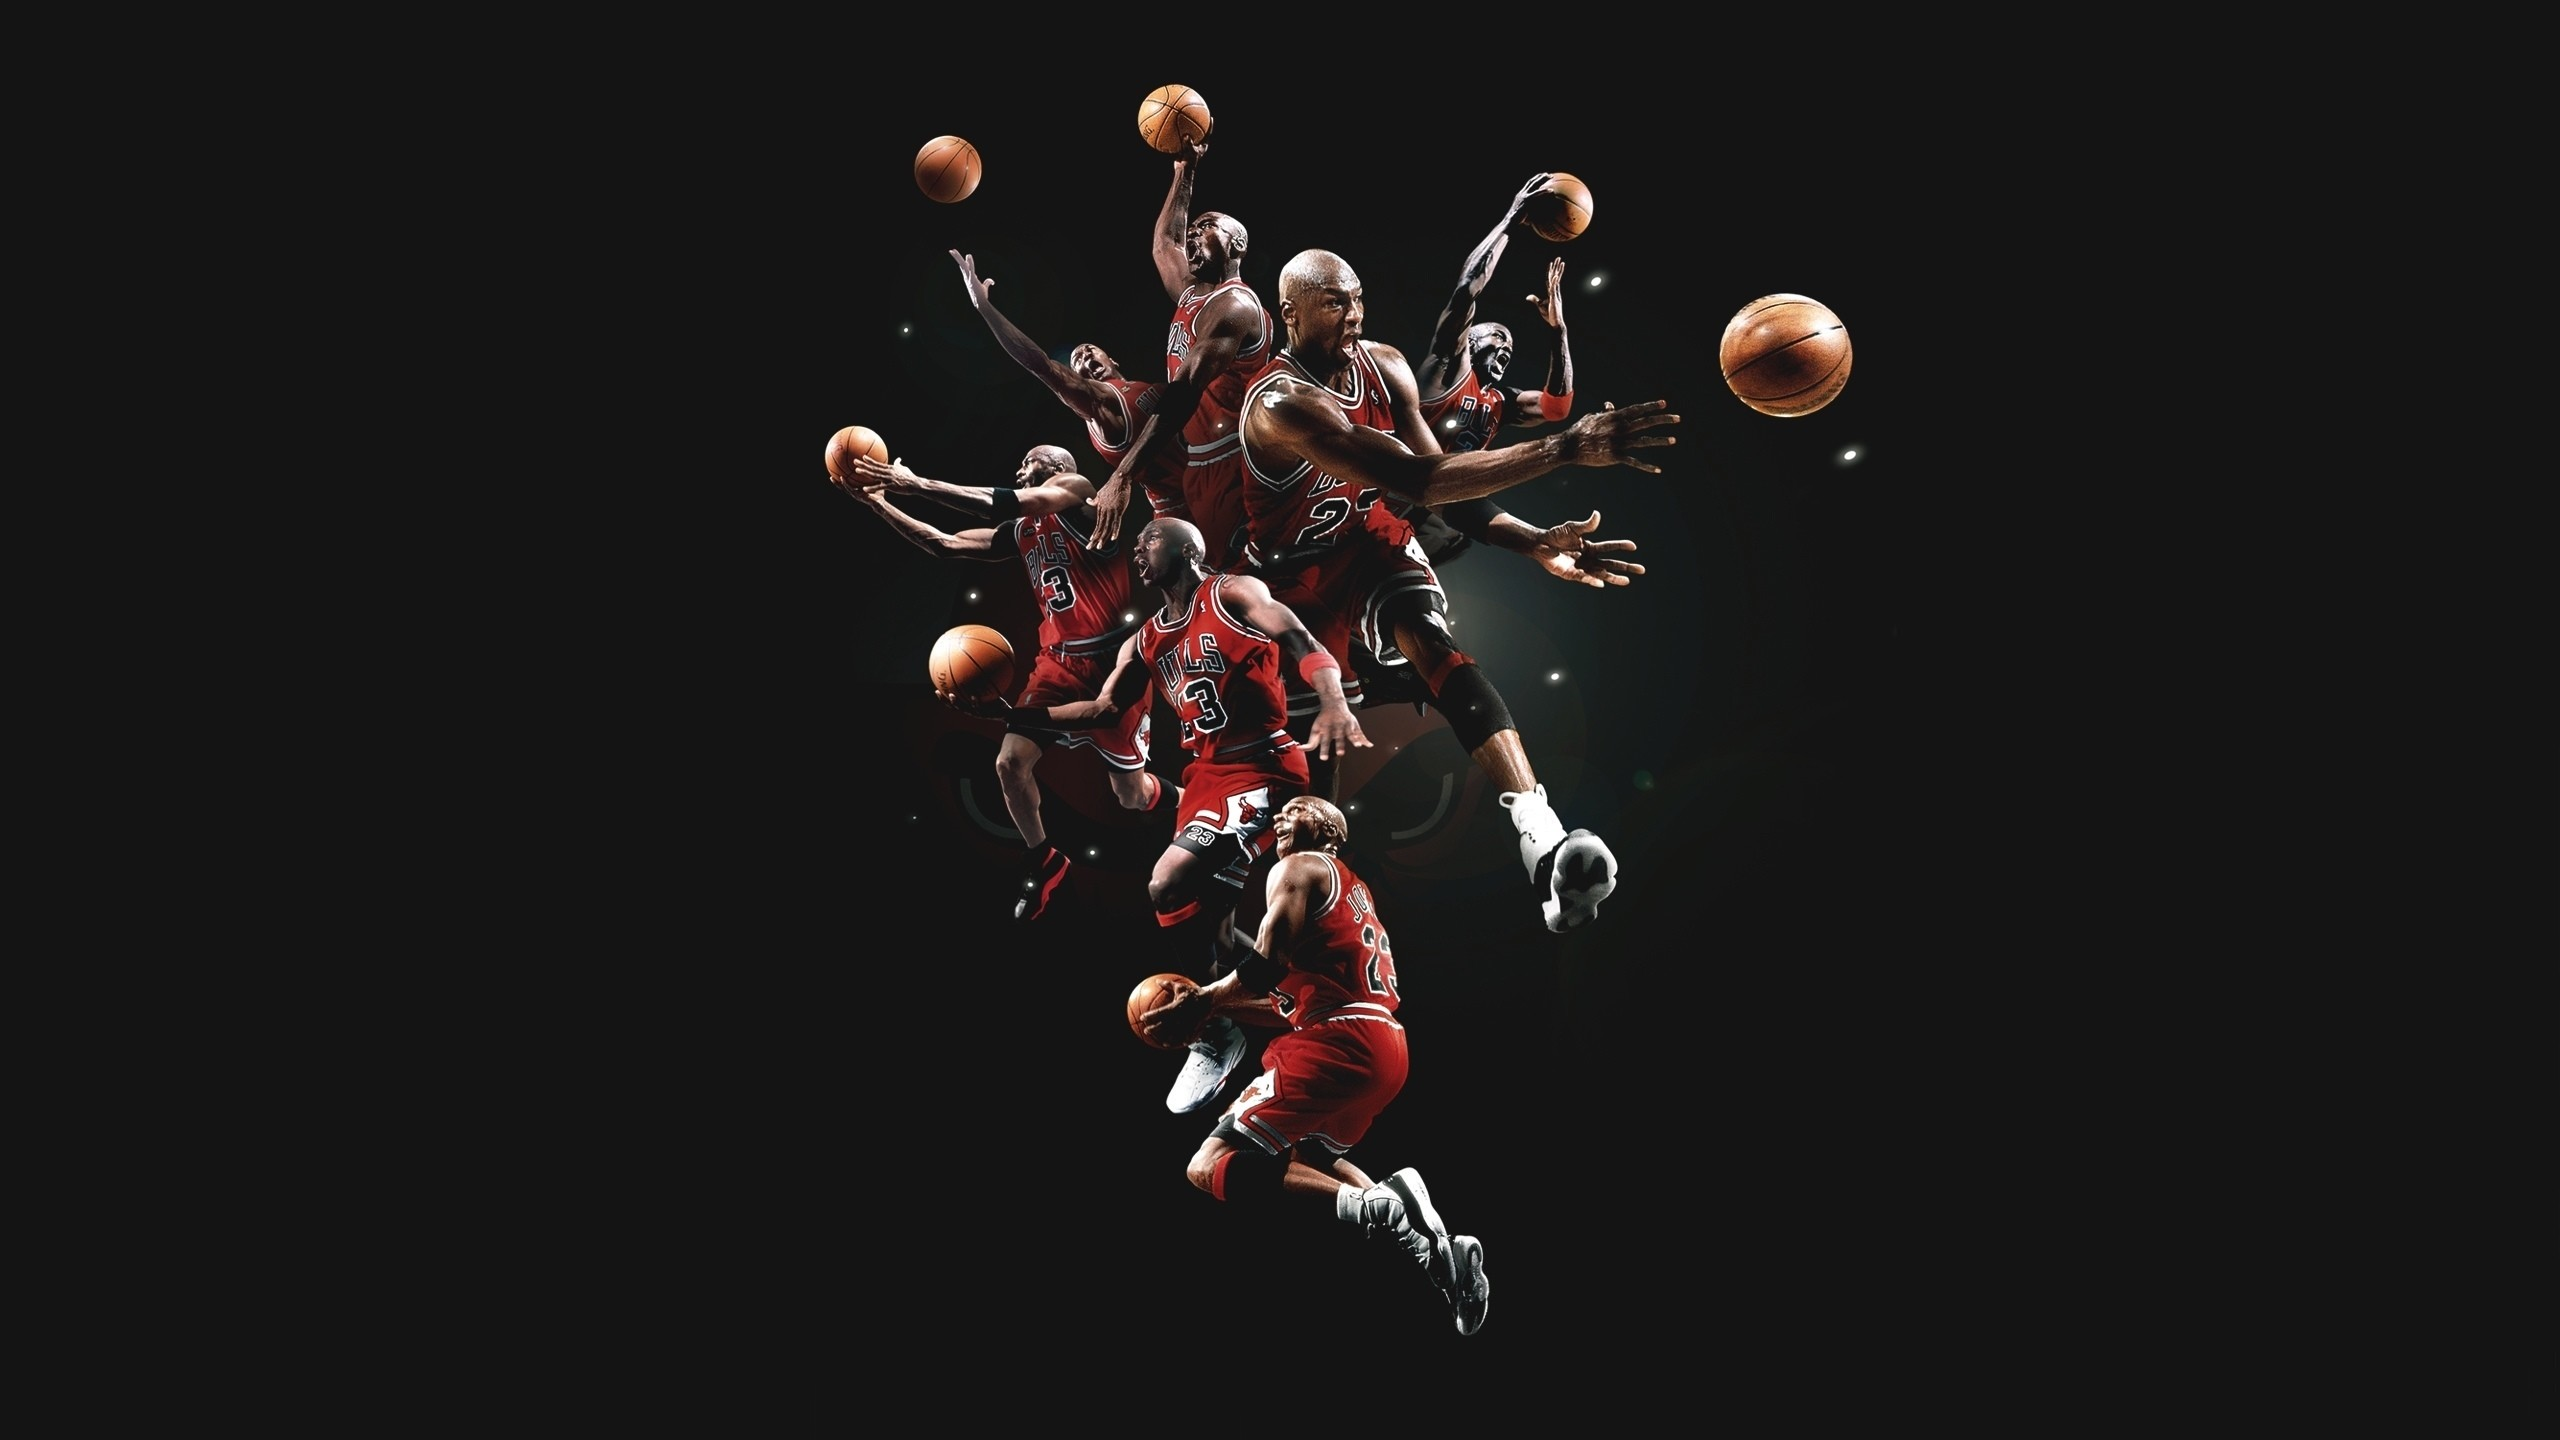 Image from https://www.wallpaperup.com/uploads/wallpapers/2013/02/23/43901/2893b216683c4687d9d45018e7f03b9d.jpg.  | Sports | Pinterest